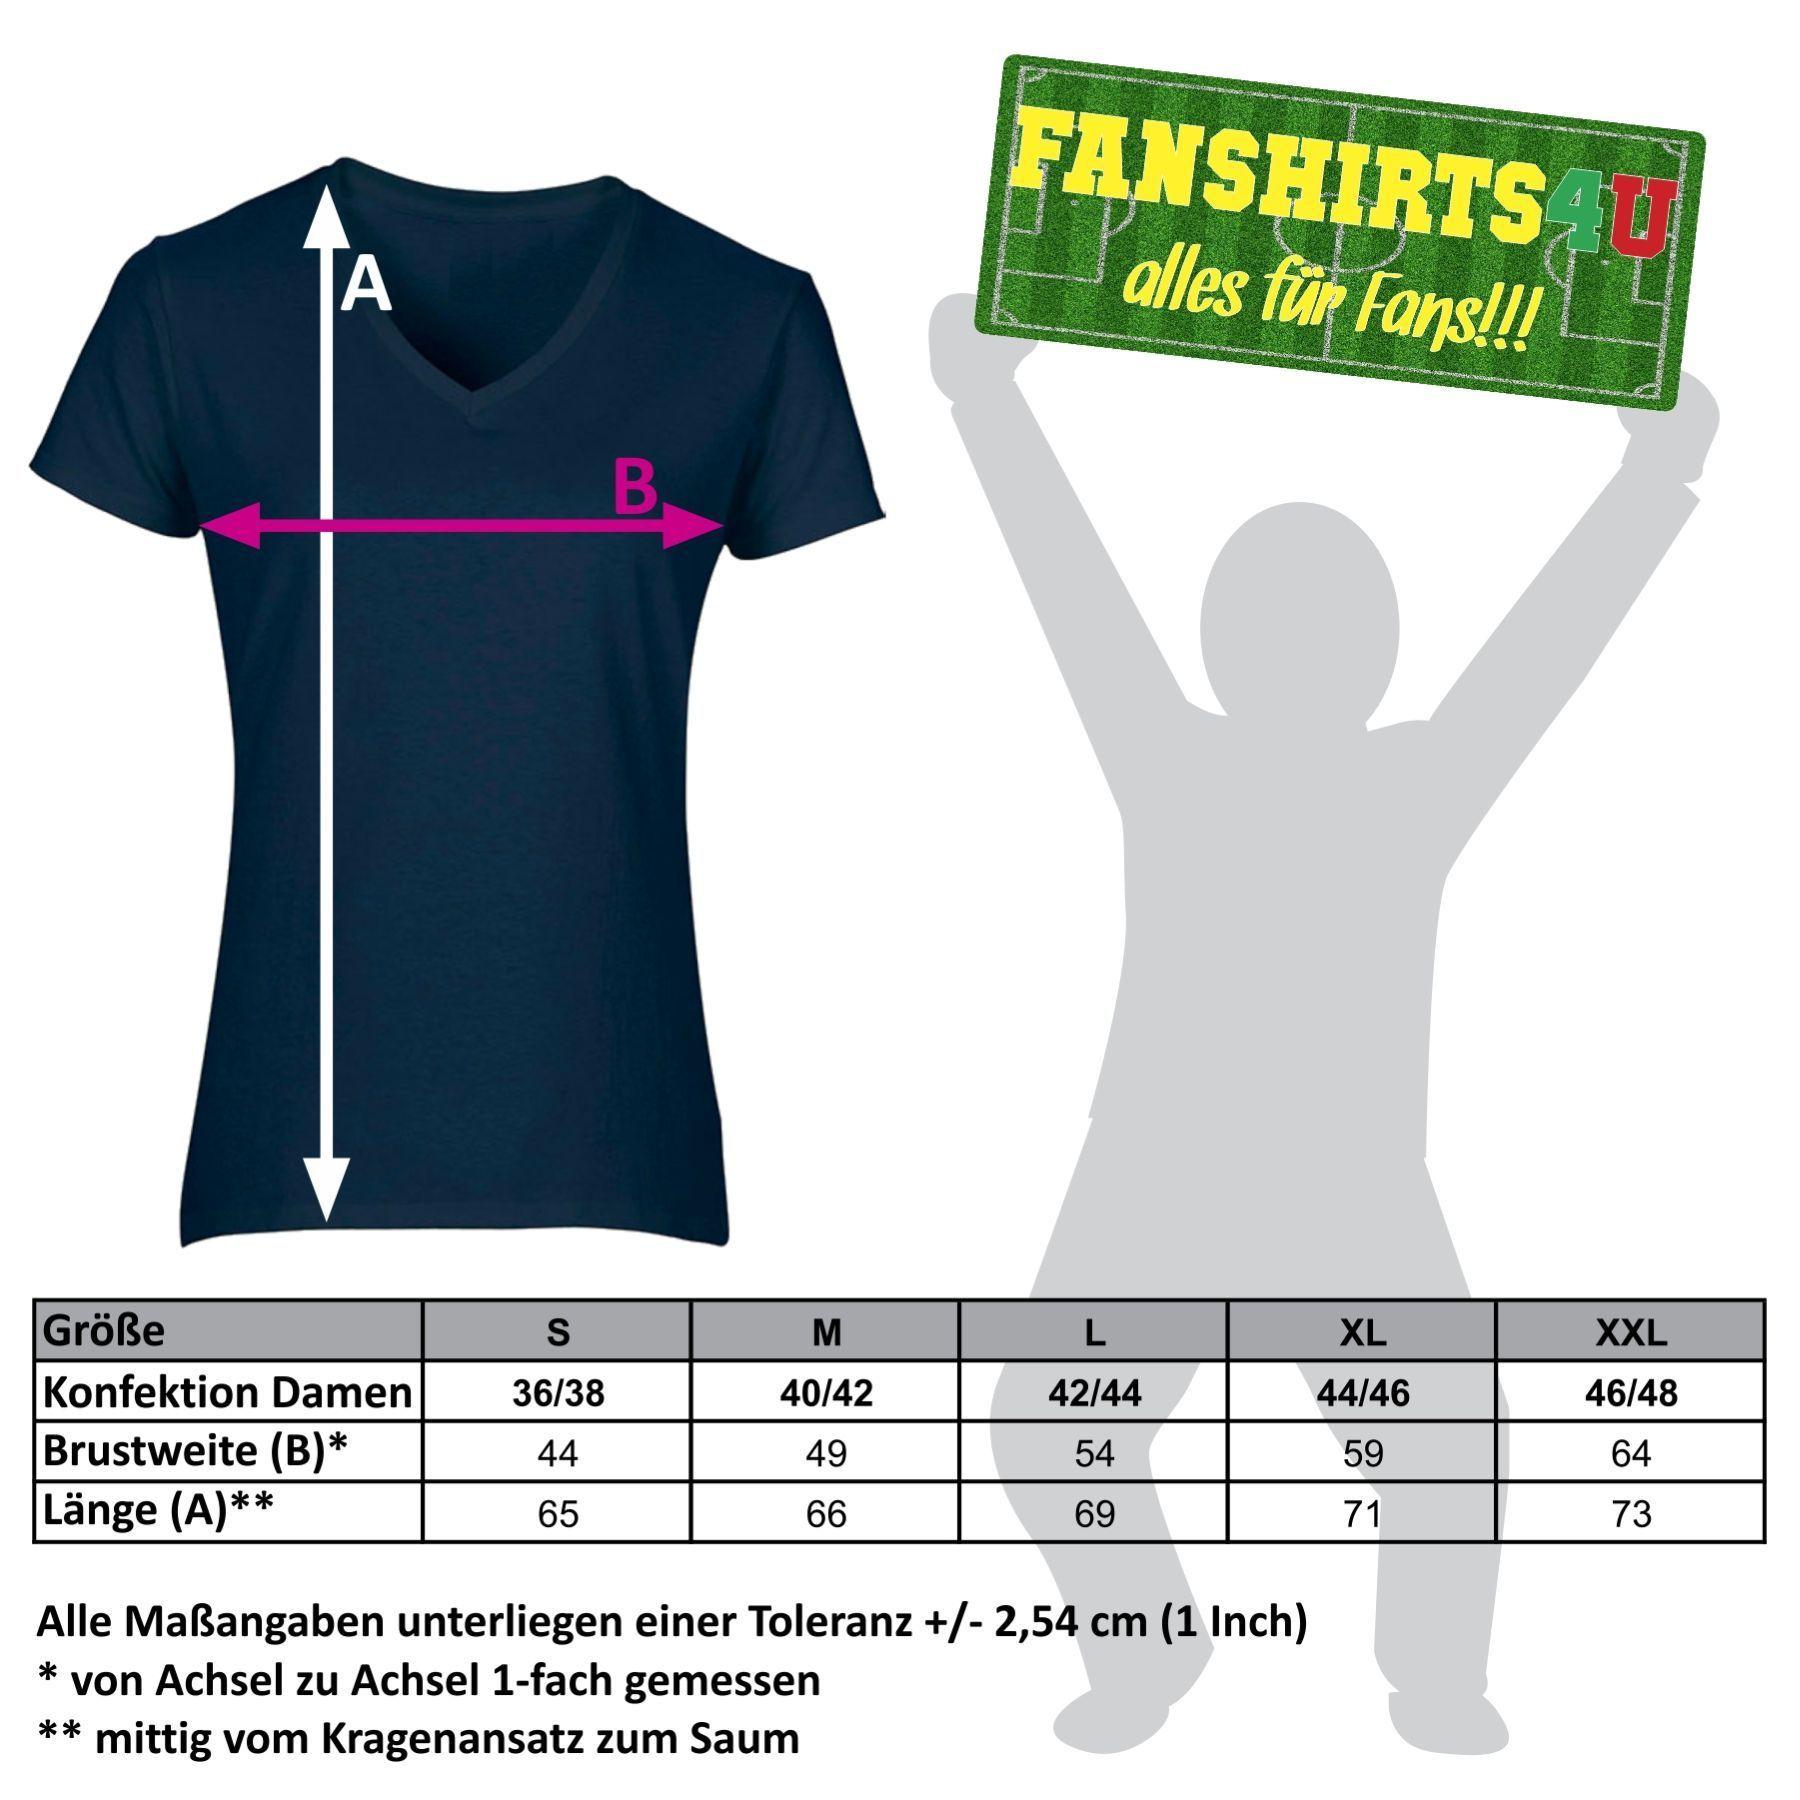 Maßtabelle unserer T-Shirts für Damen